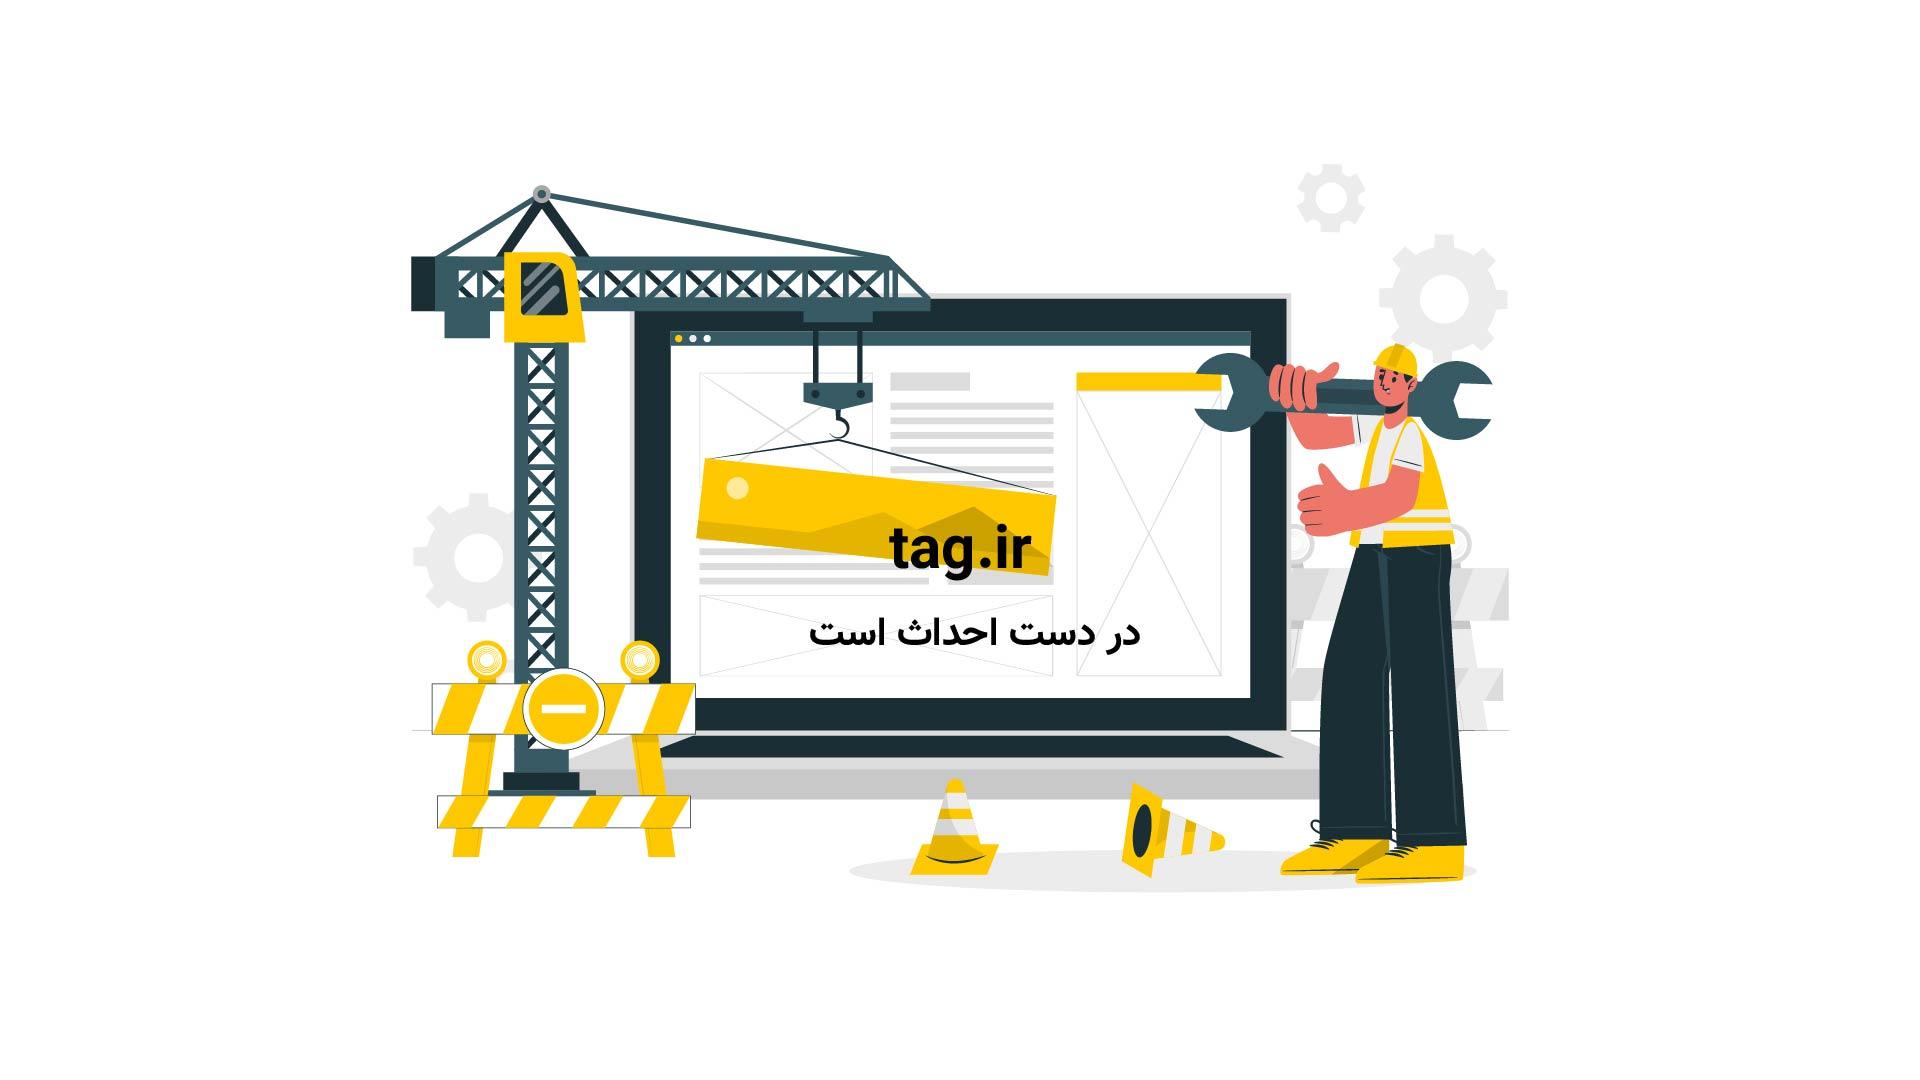 آتش سوزی جنگل های کالیفرنیا همچنان قربانی می گیرد   فیلم